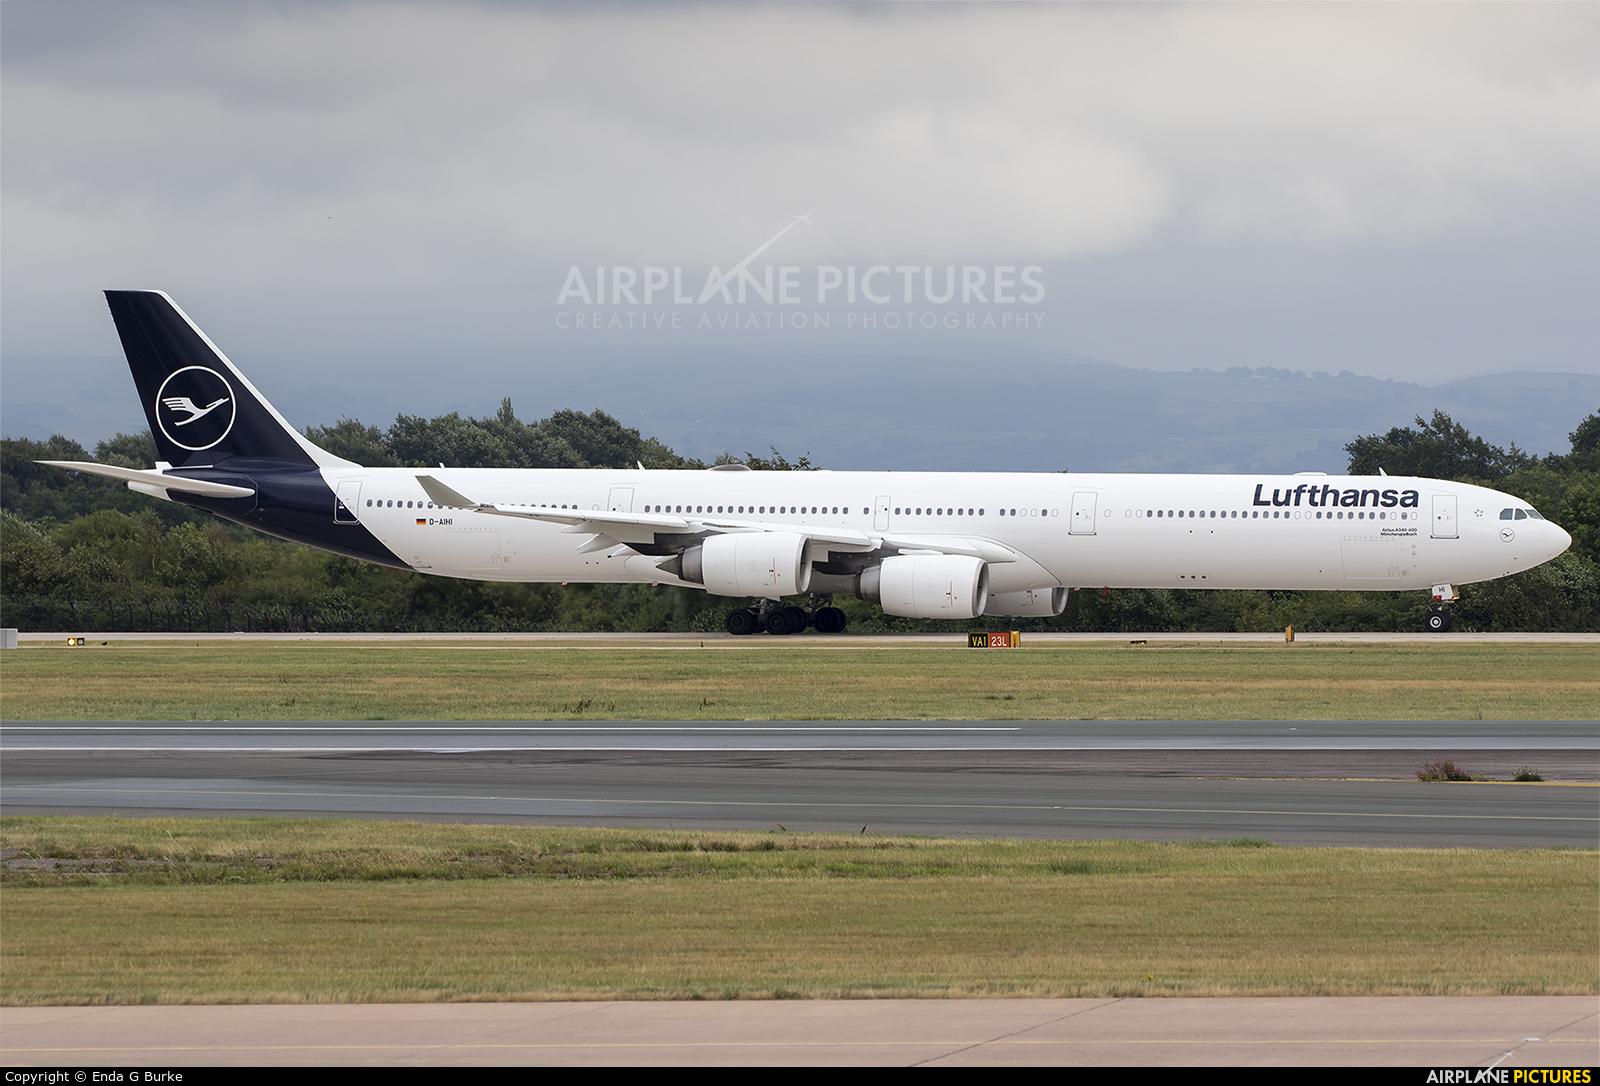 Lufthansa D-AIHI aircraft at Manchester